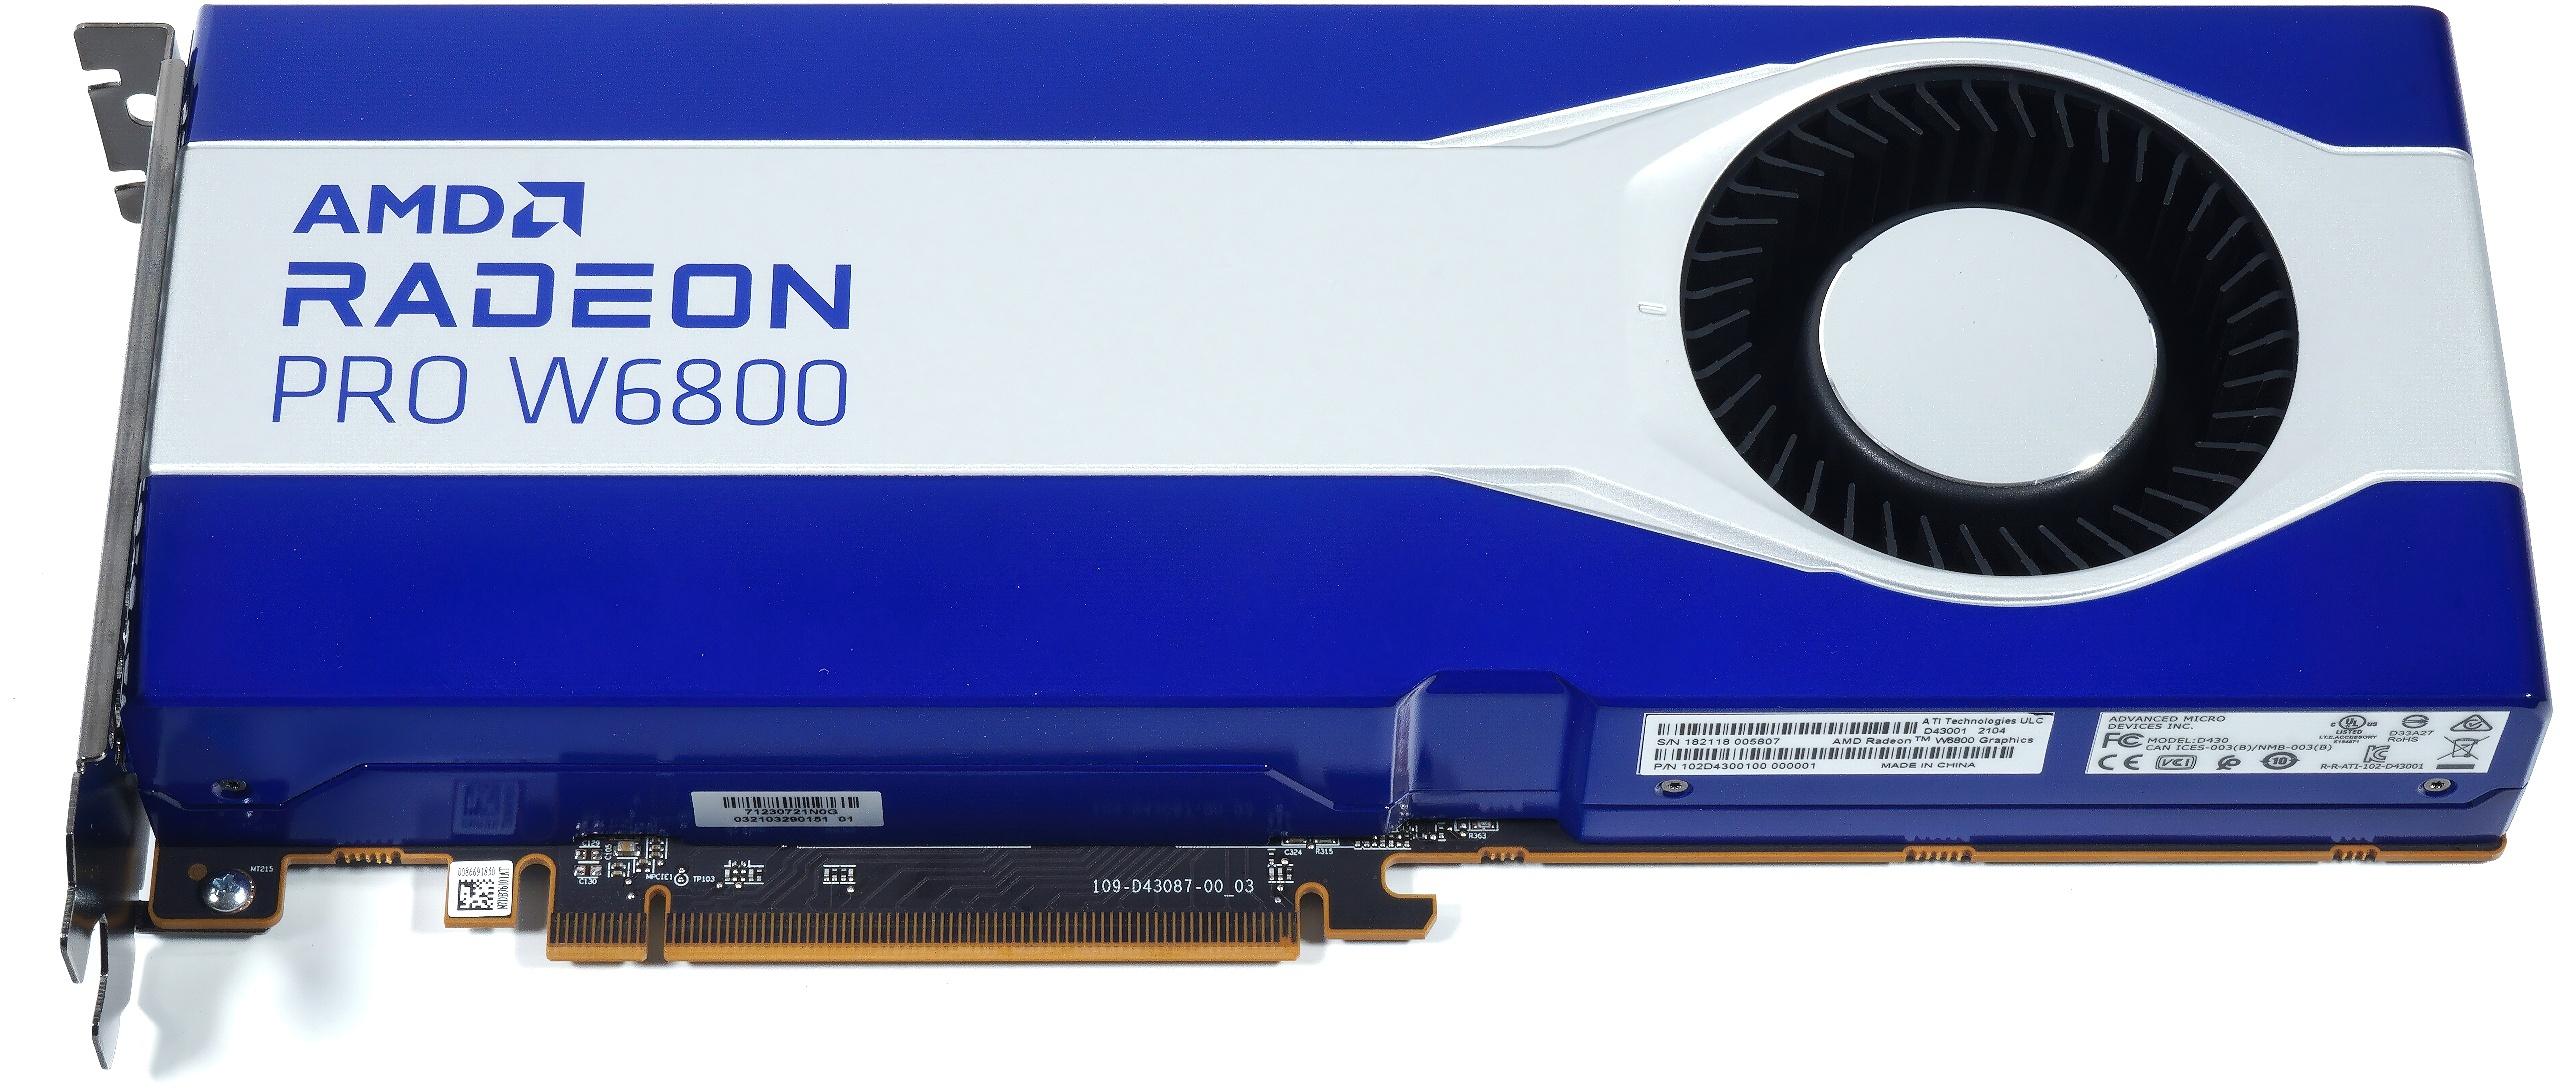 AMD Radeon Pro W6800, W6600 und W6600M im Überblick mit eigenen Bildern und einem ersten Hands-On-Test